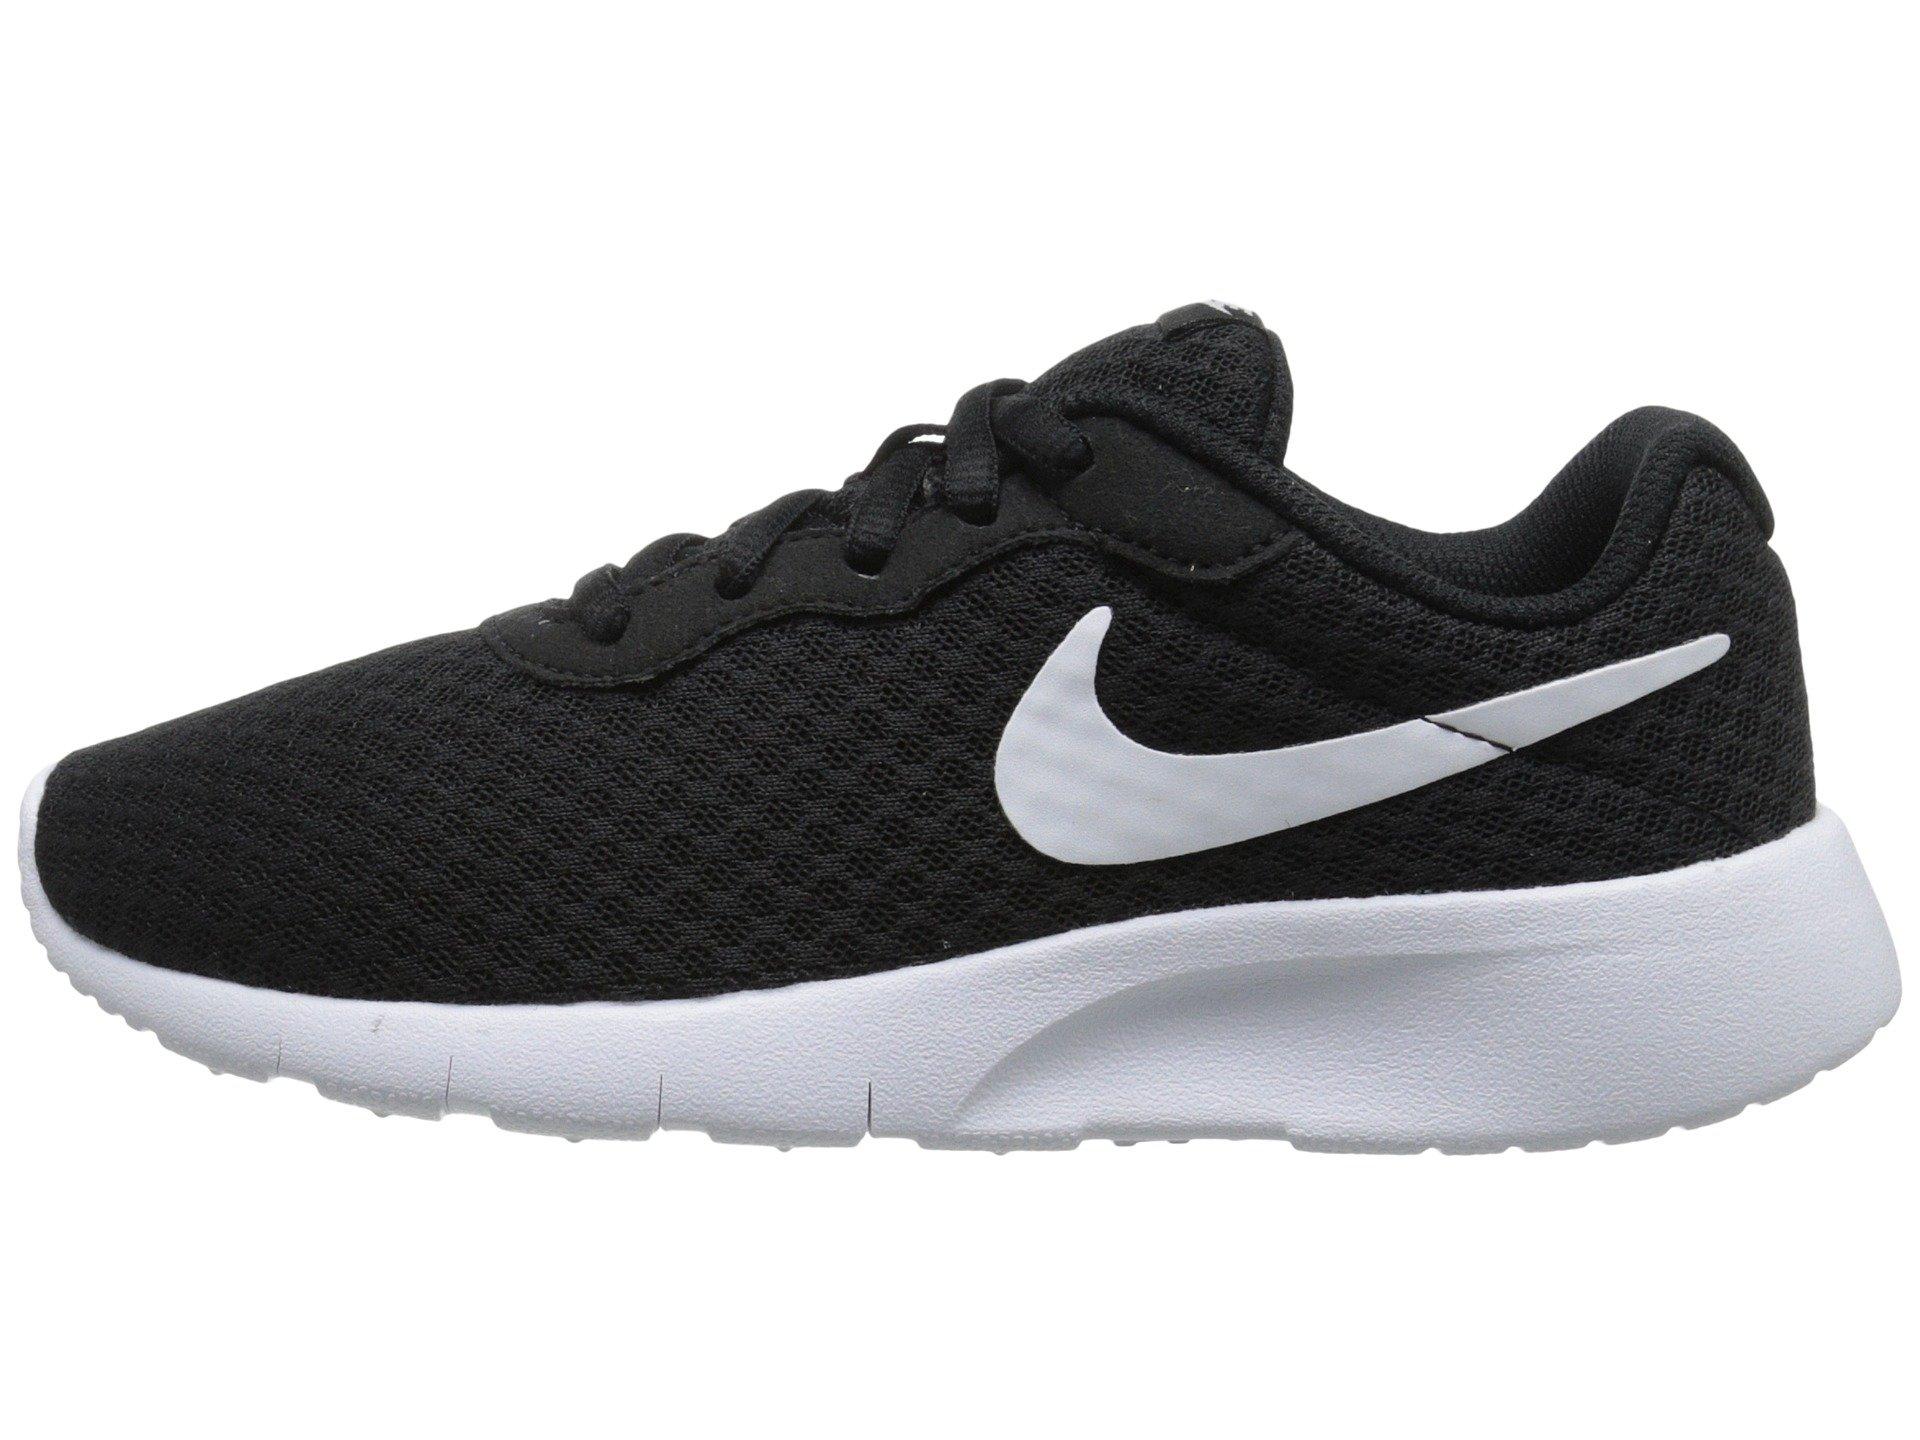 Nike Boy's Tanjun Running Sneaker Black/White-White 1.5 by Nike (Image #1)